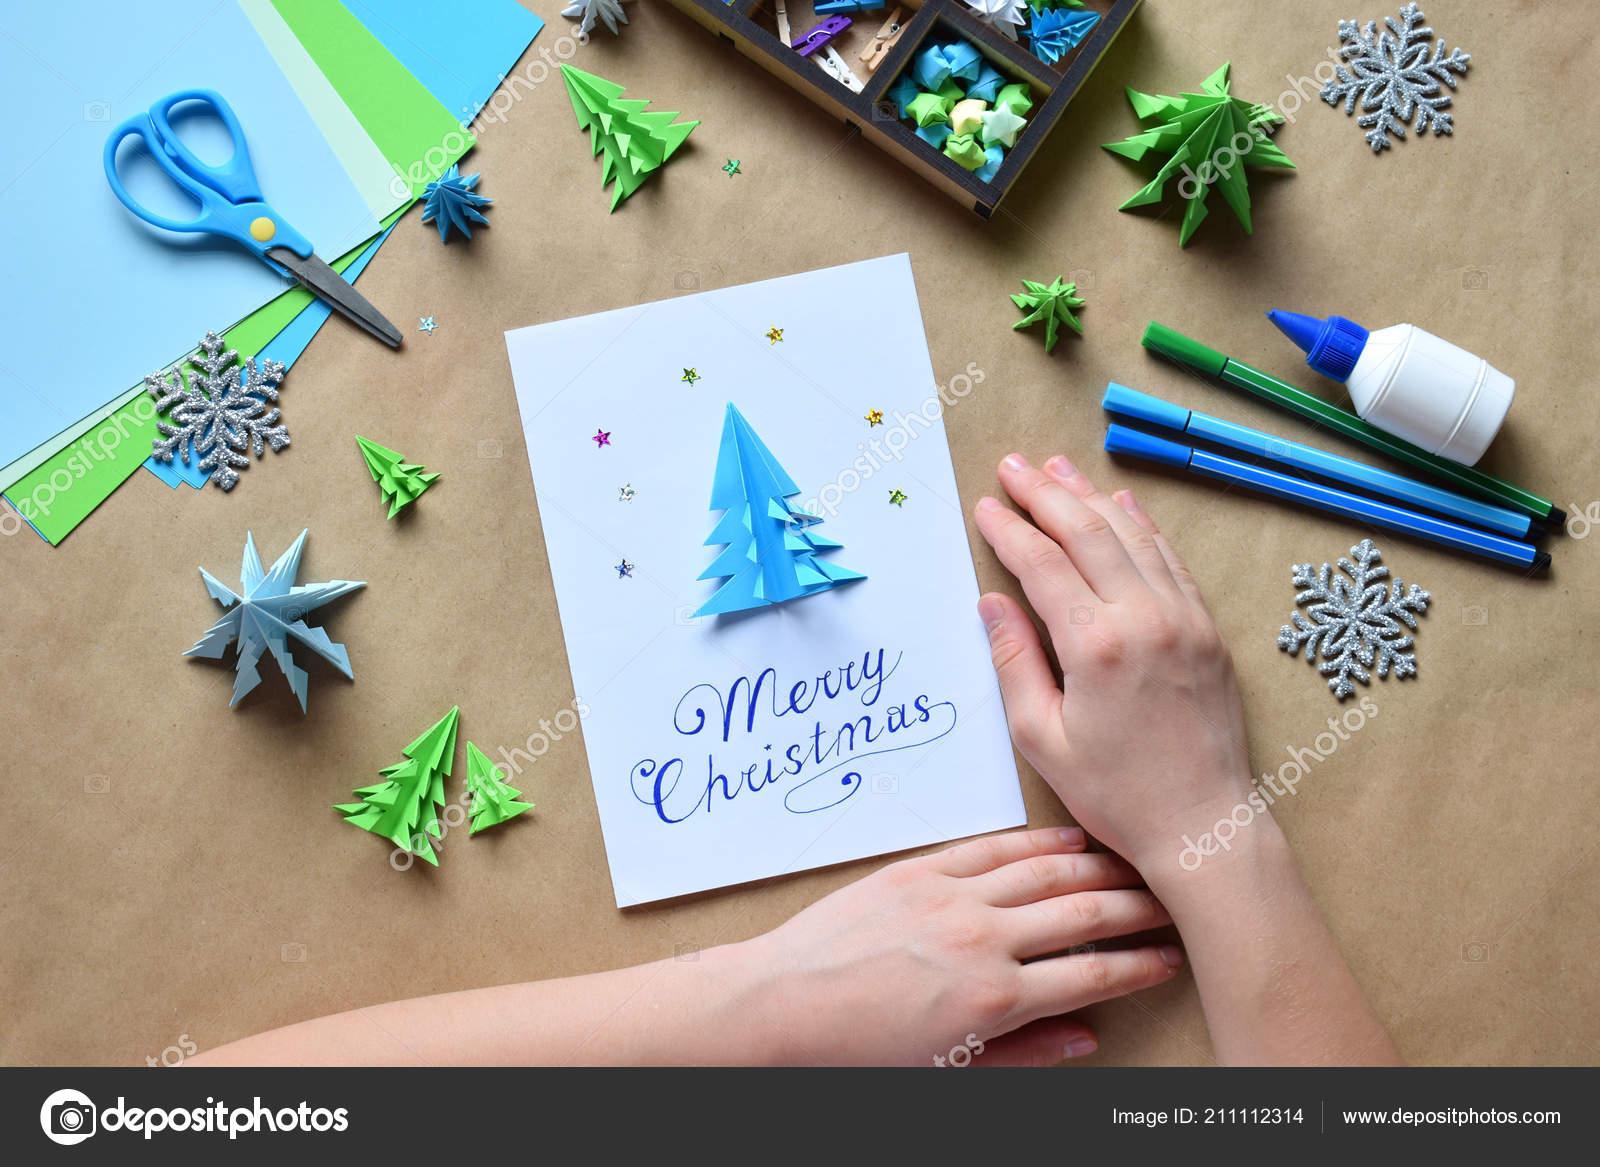 Decorar Arbol Navidad En Papel.Hacer Tarjeta Felicitacion Con Origami Arbol Navidad Papel